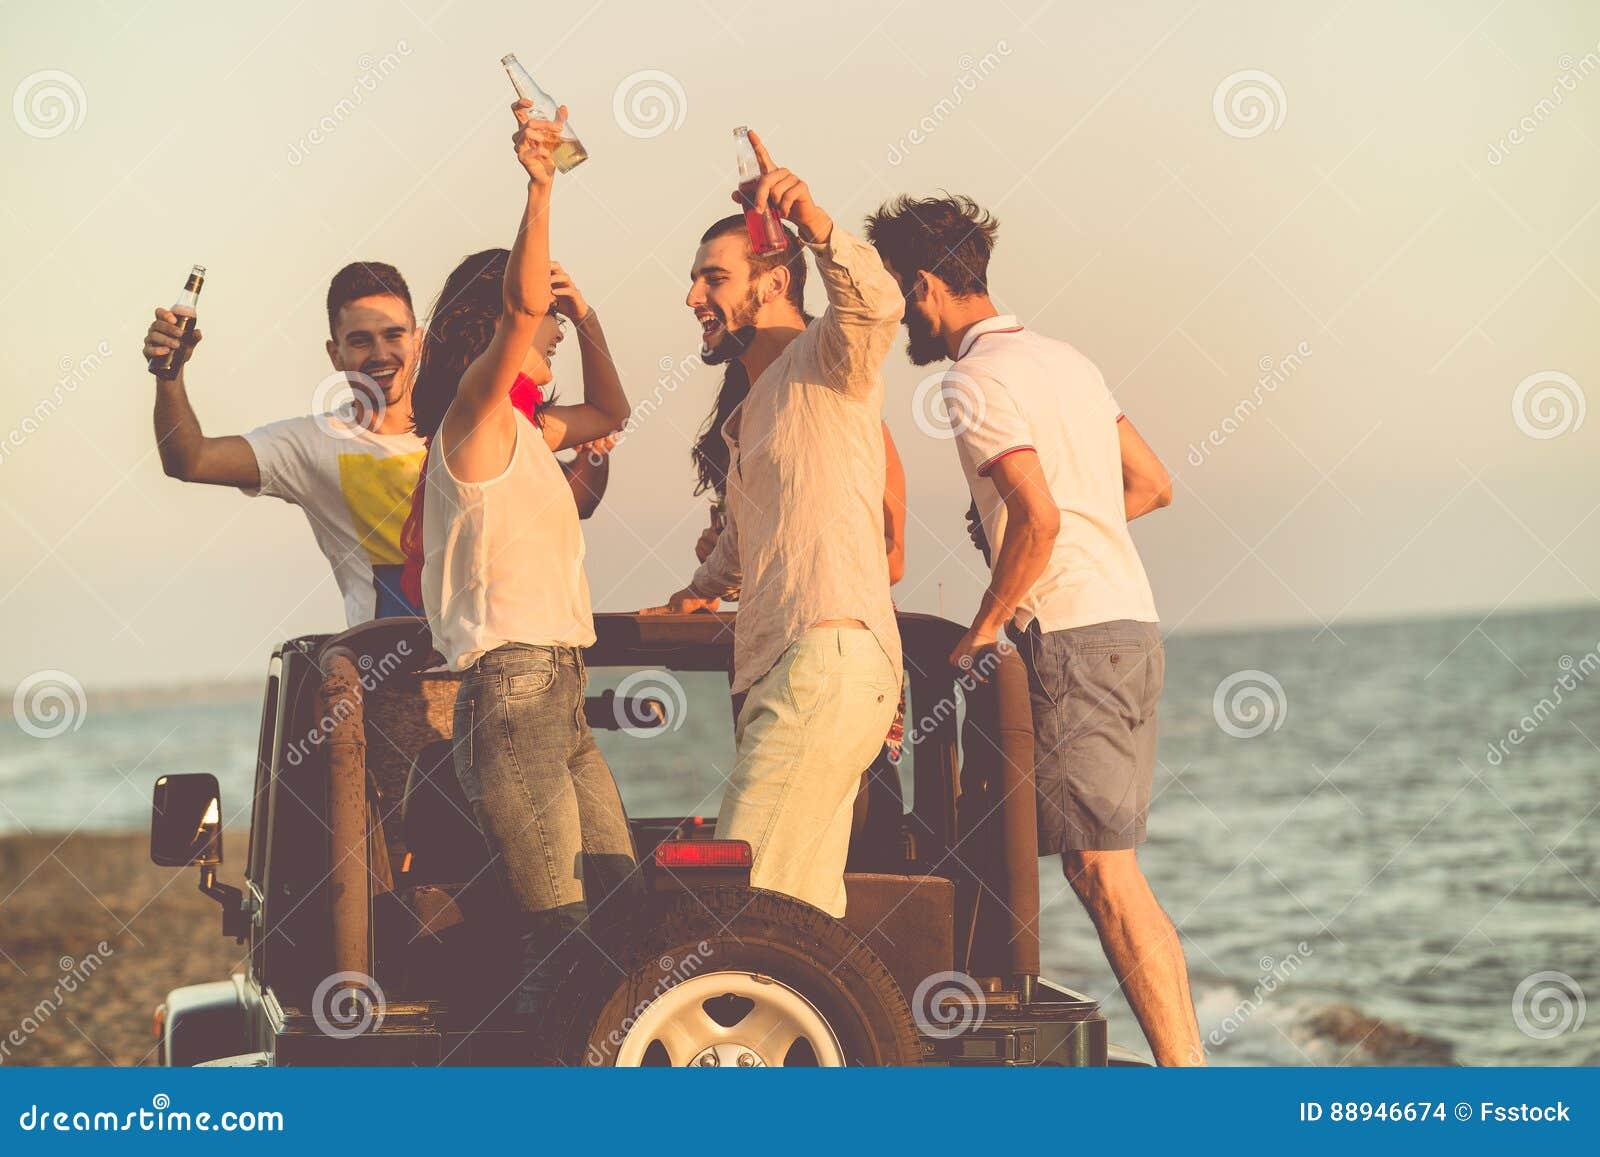 Junge Gruppe, die Spaß auf dem Strand hat und in ein konvertierbares Auto tanzt